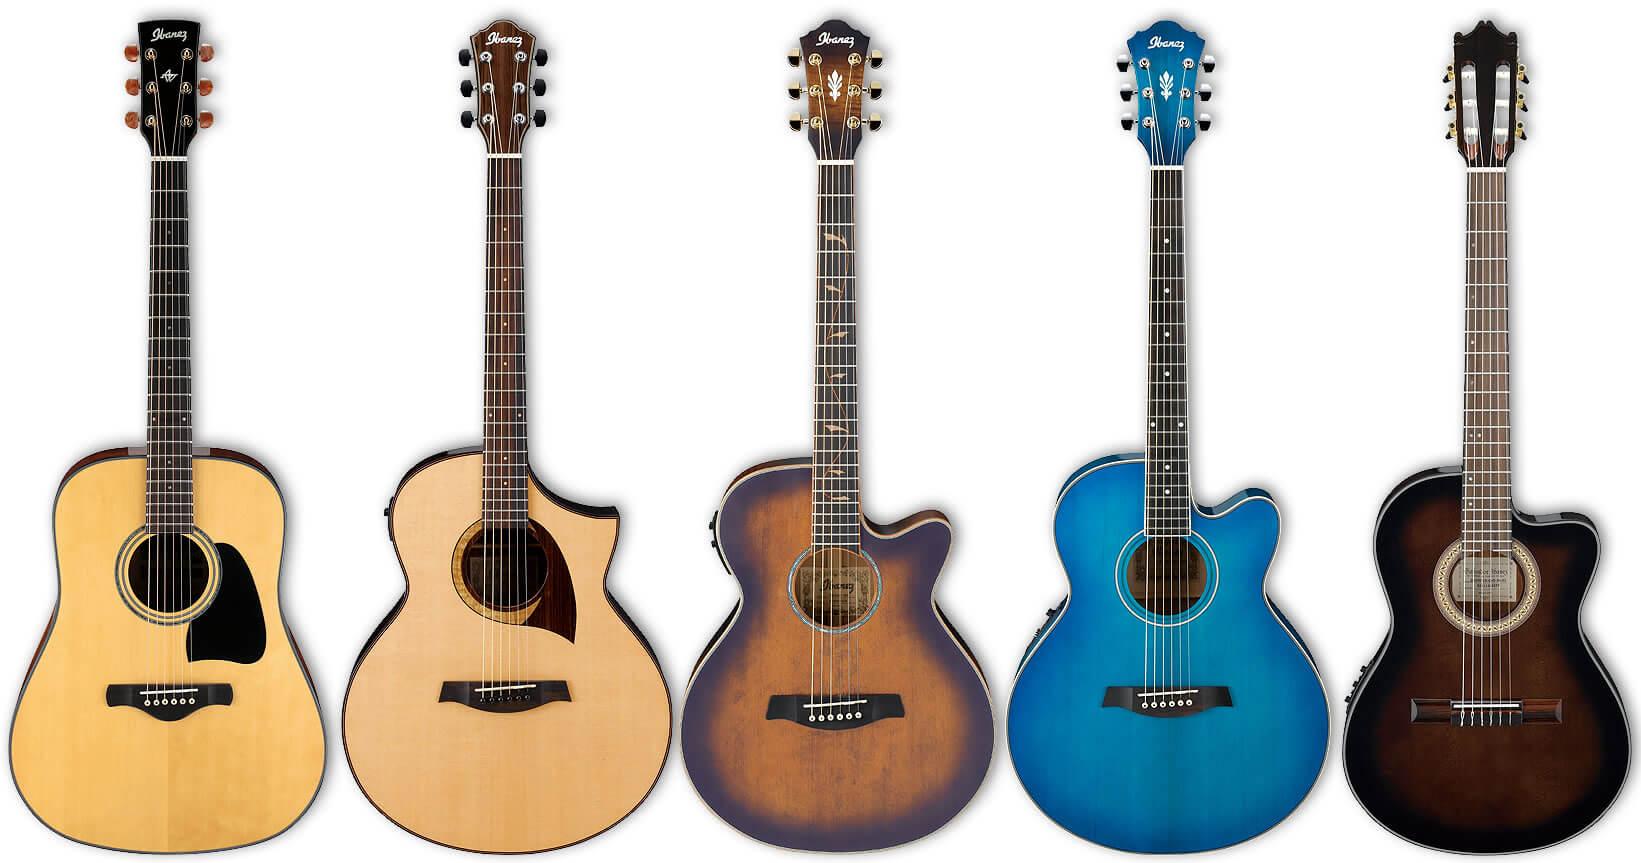 Ibanez(アイバニーズ)のアコースティックギター